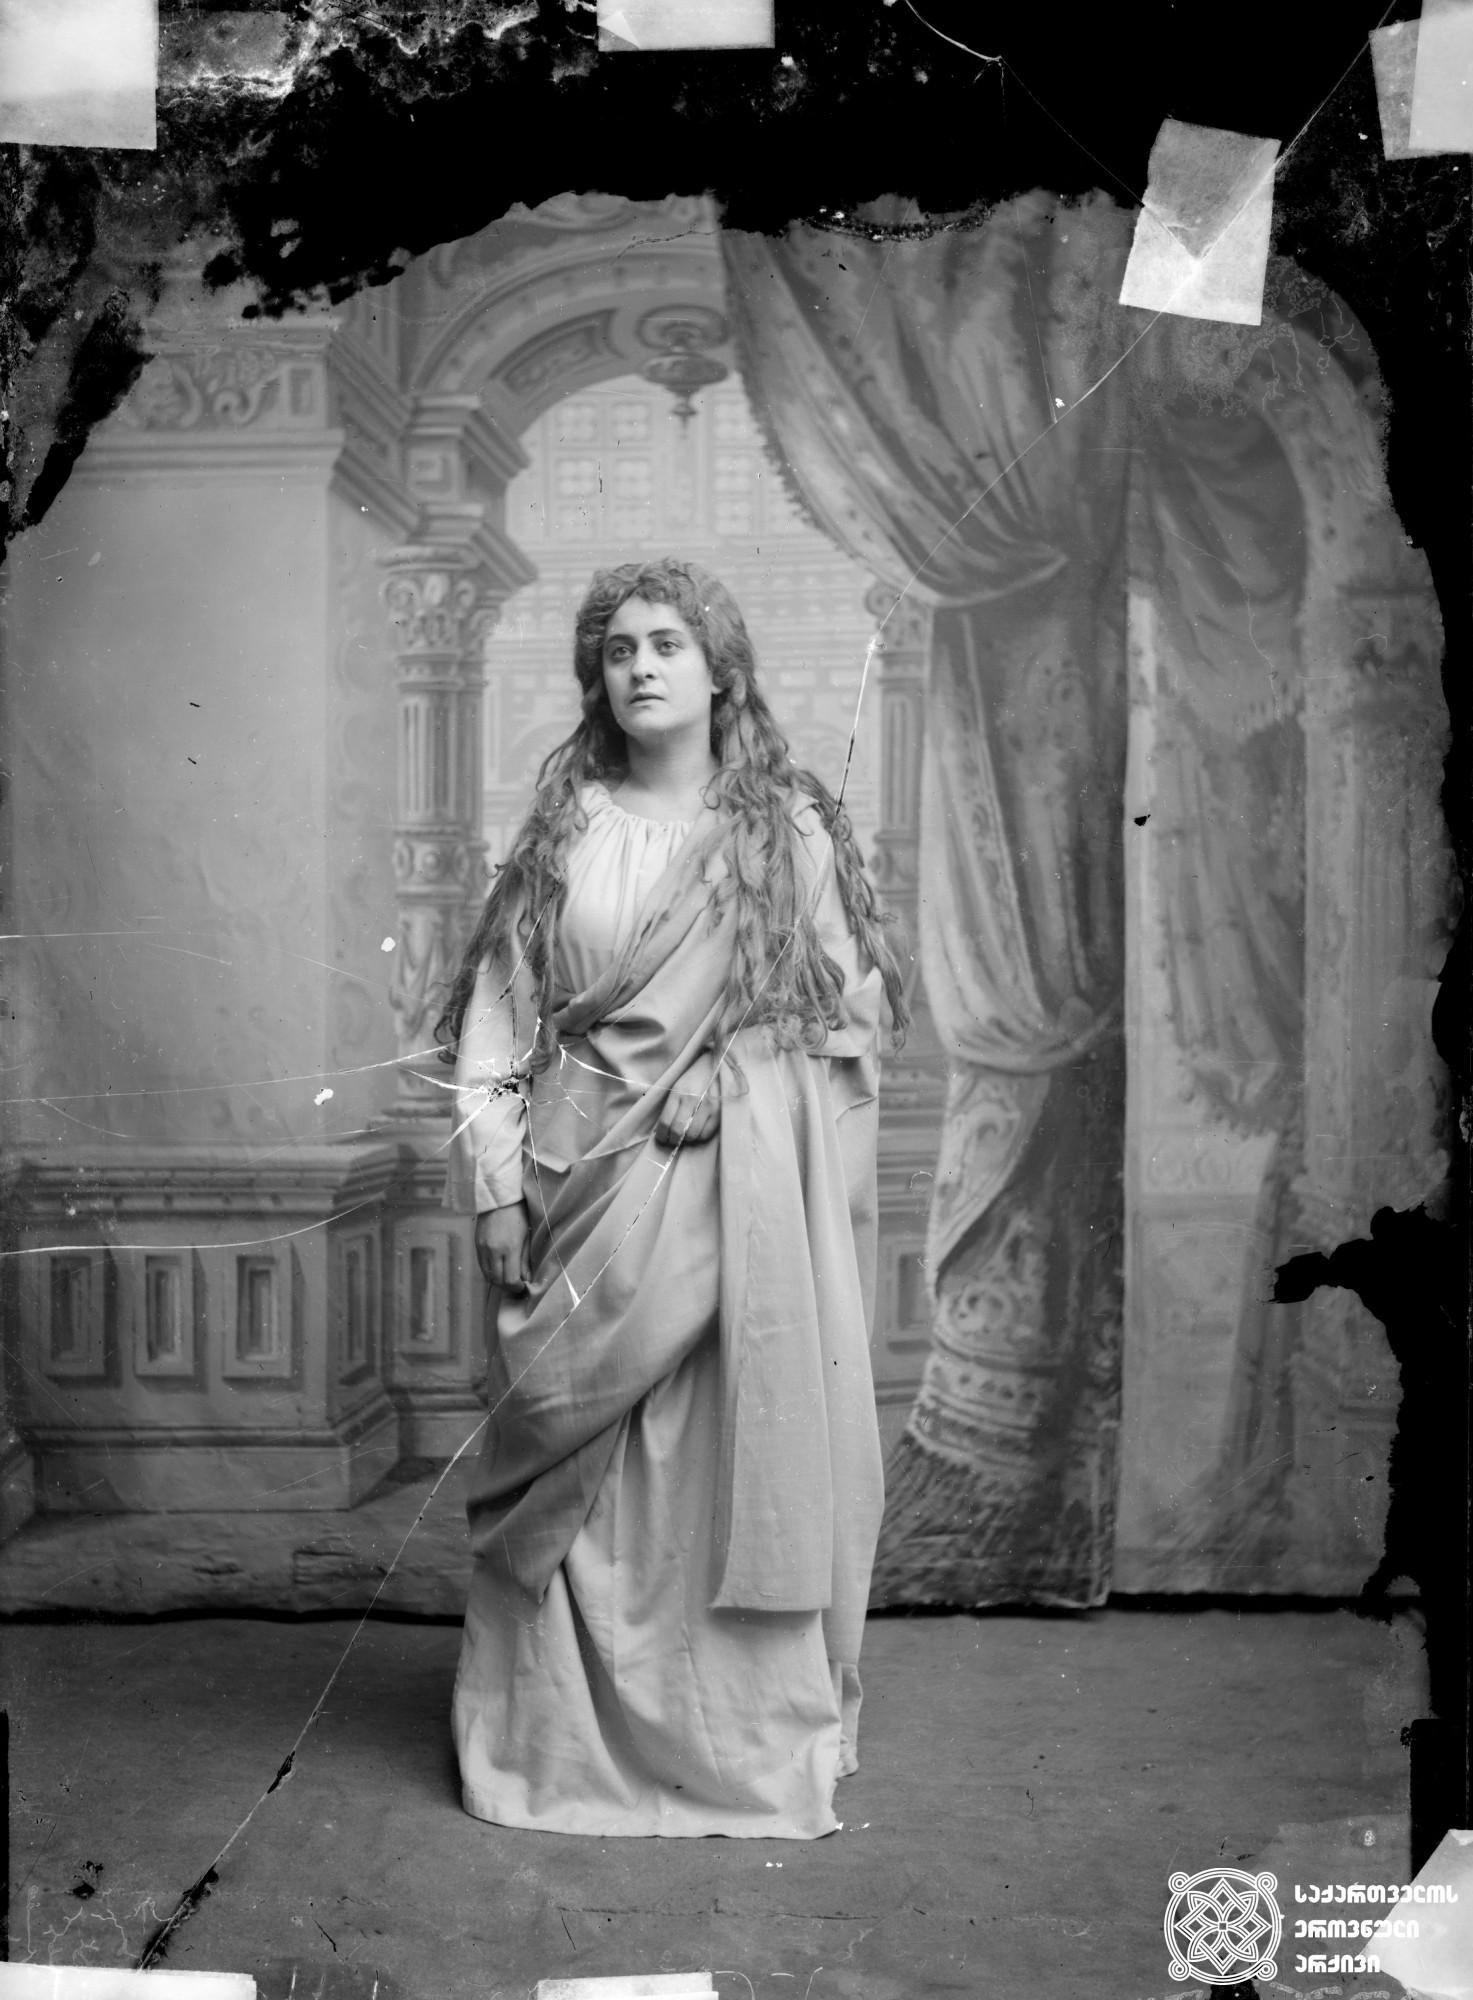 """მსახიობი ნინო დავითაშვილი ოფელიას როლში პიესიდან """"ჰამლეტი"""". <br> მინის ნეგატივი 12X16.5. <br> Actress Nino Davitashvili in the role of Ophelia from the play """"Hamlet"""". <br> Glass negative 12X16.5. <br>"""